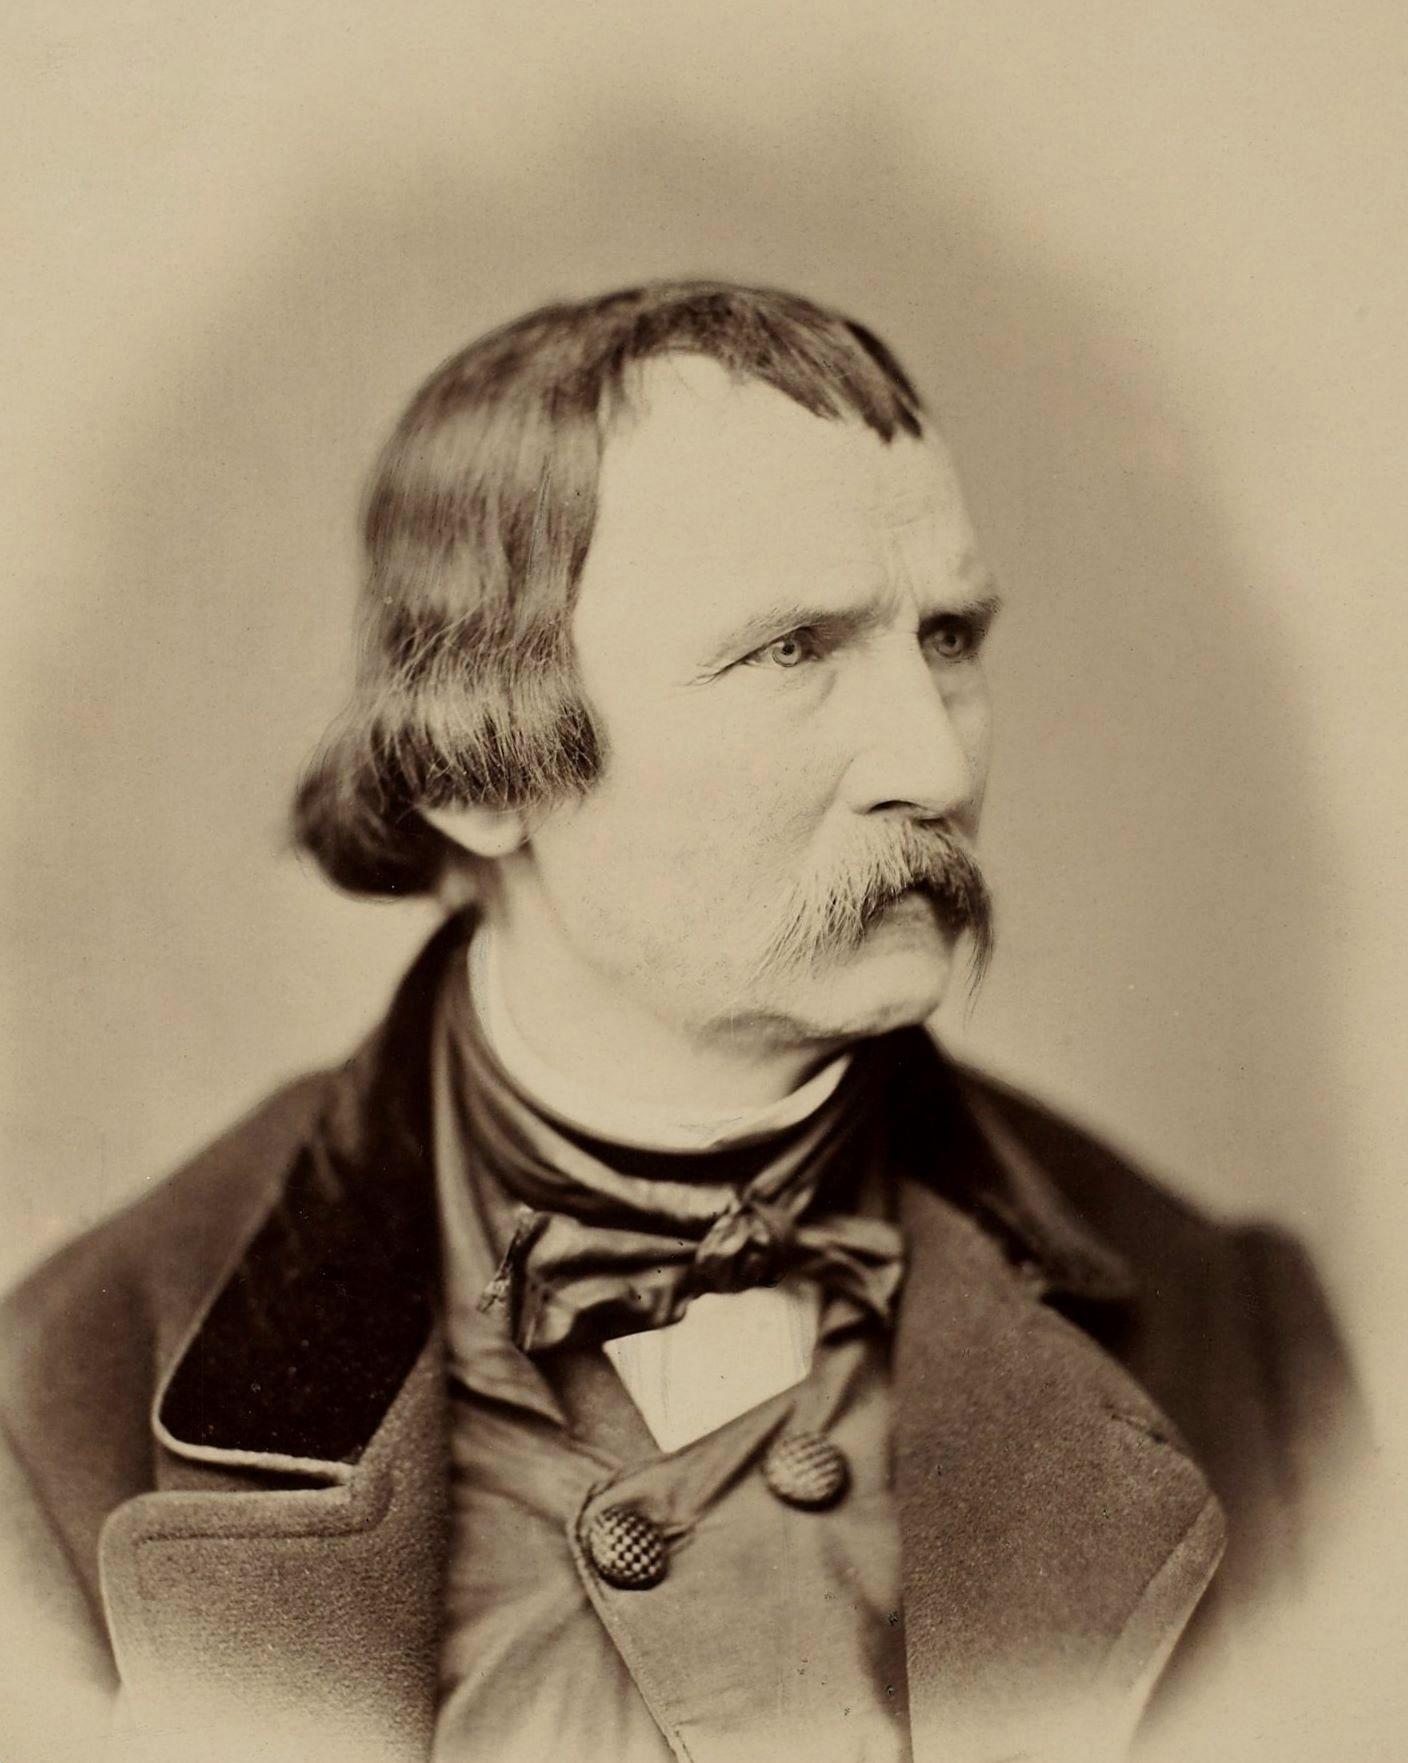 Image of Wilhelm von Kaulbach from Wikidata